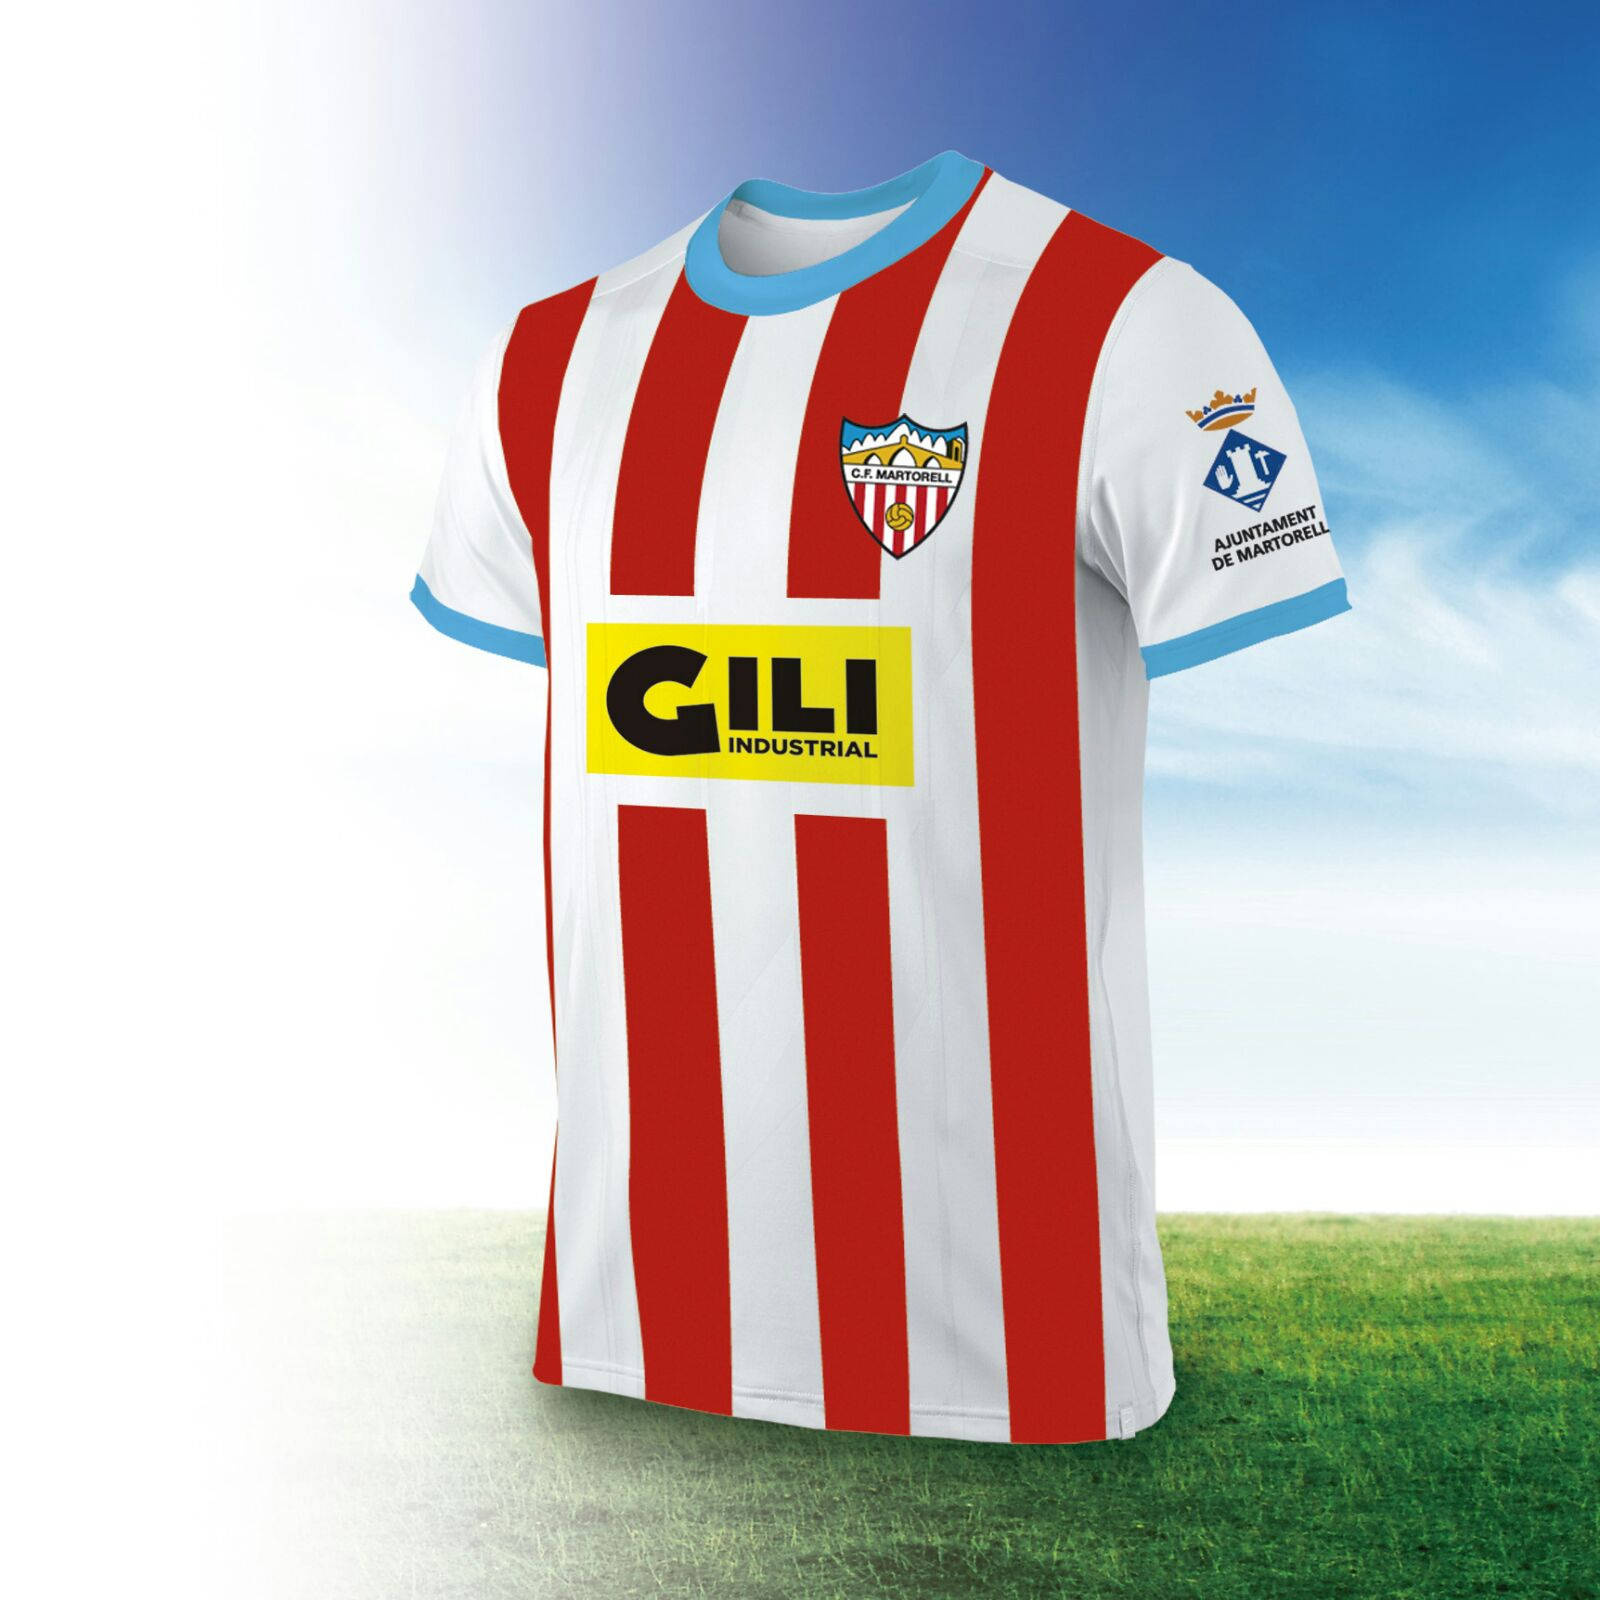 gili-industrial-patrocinador